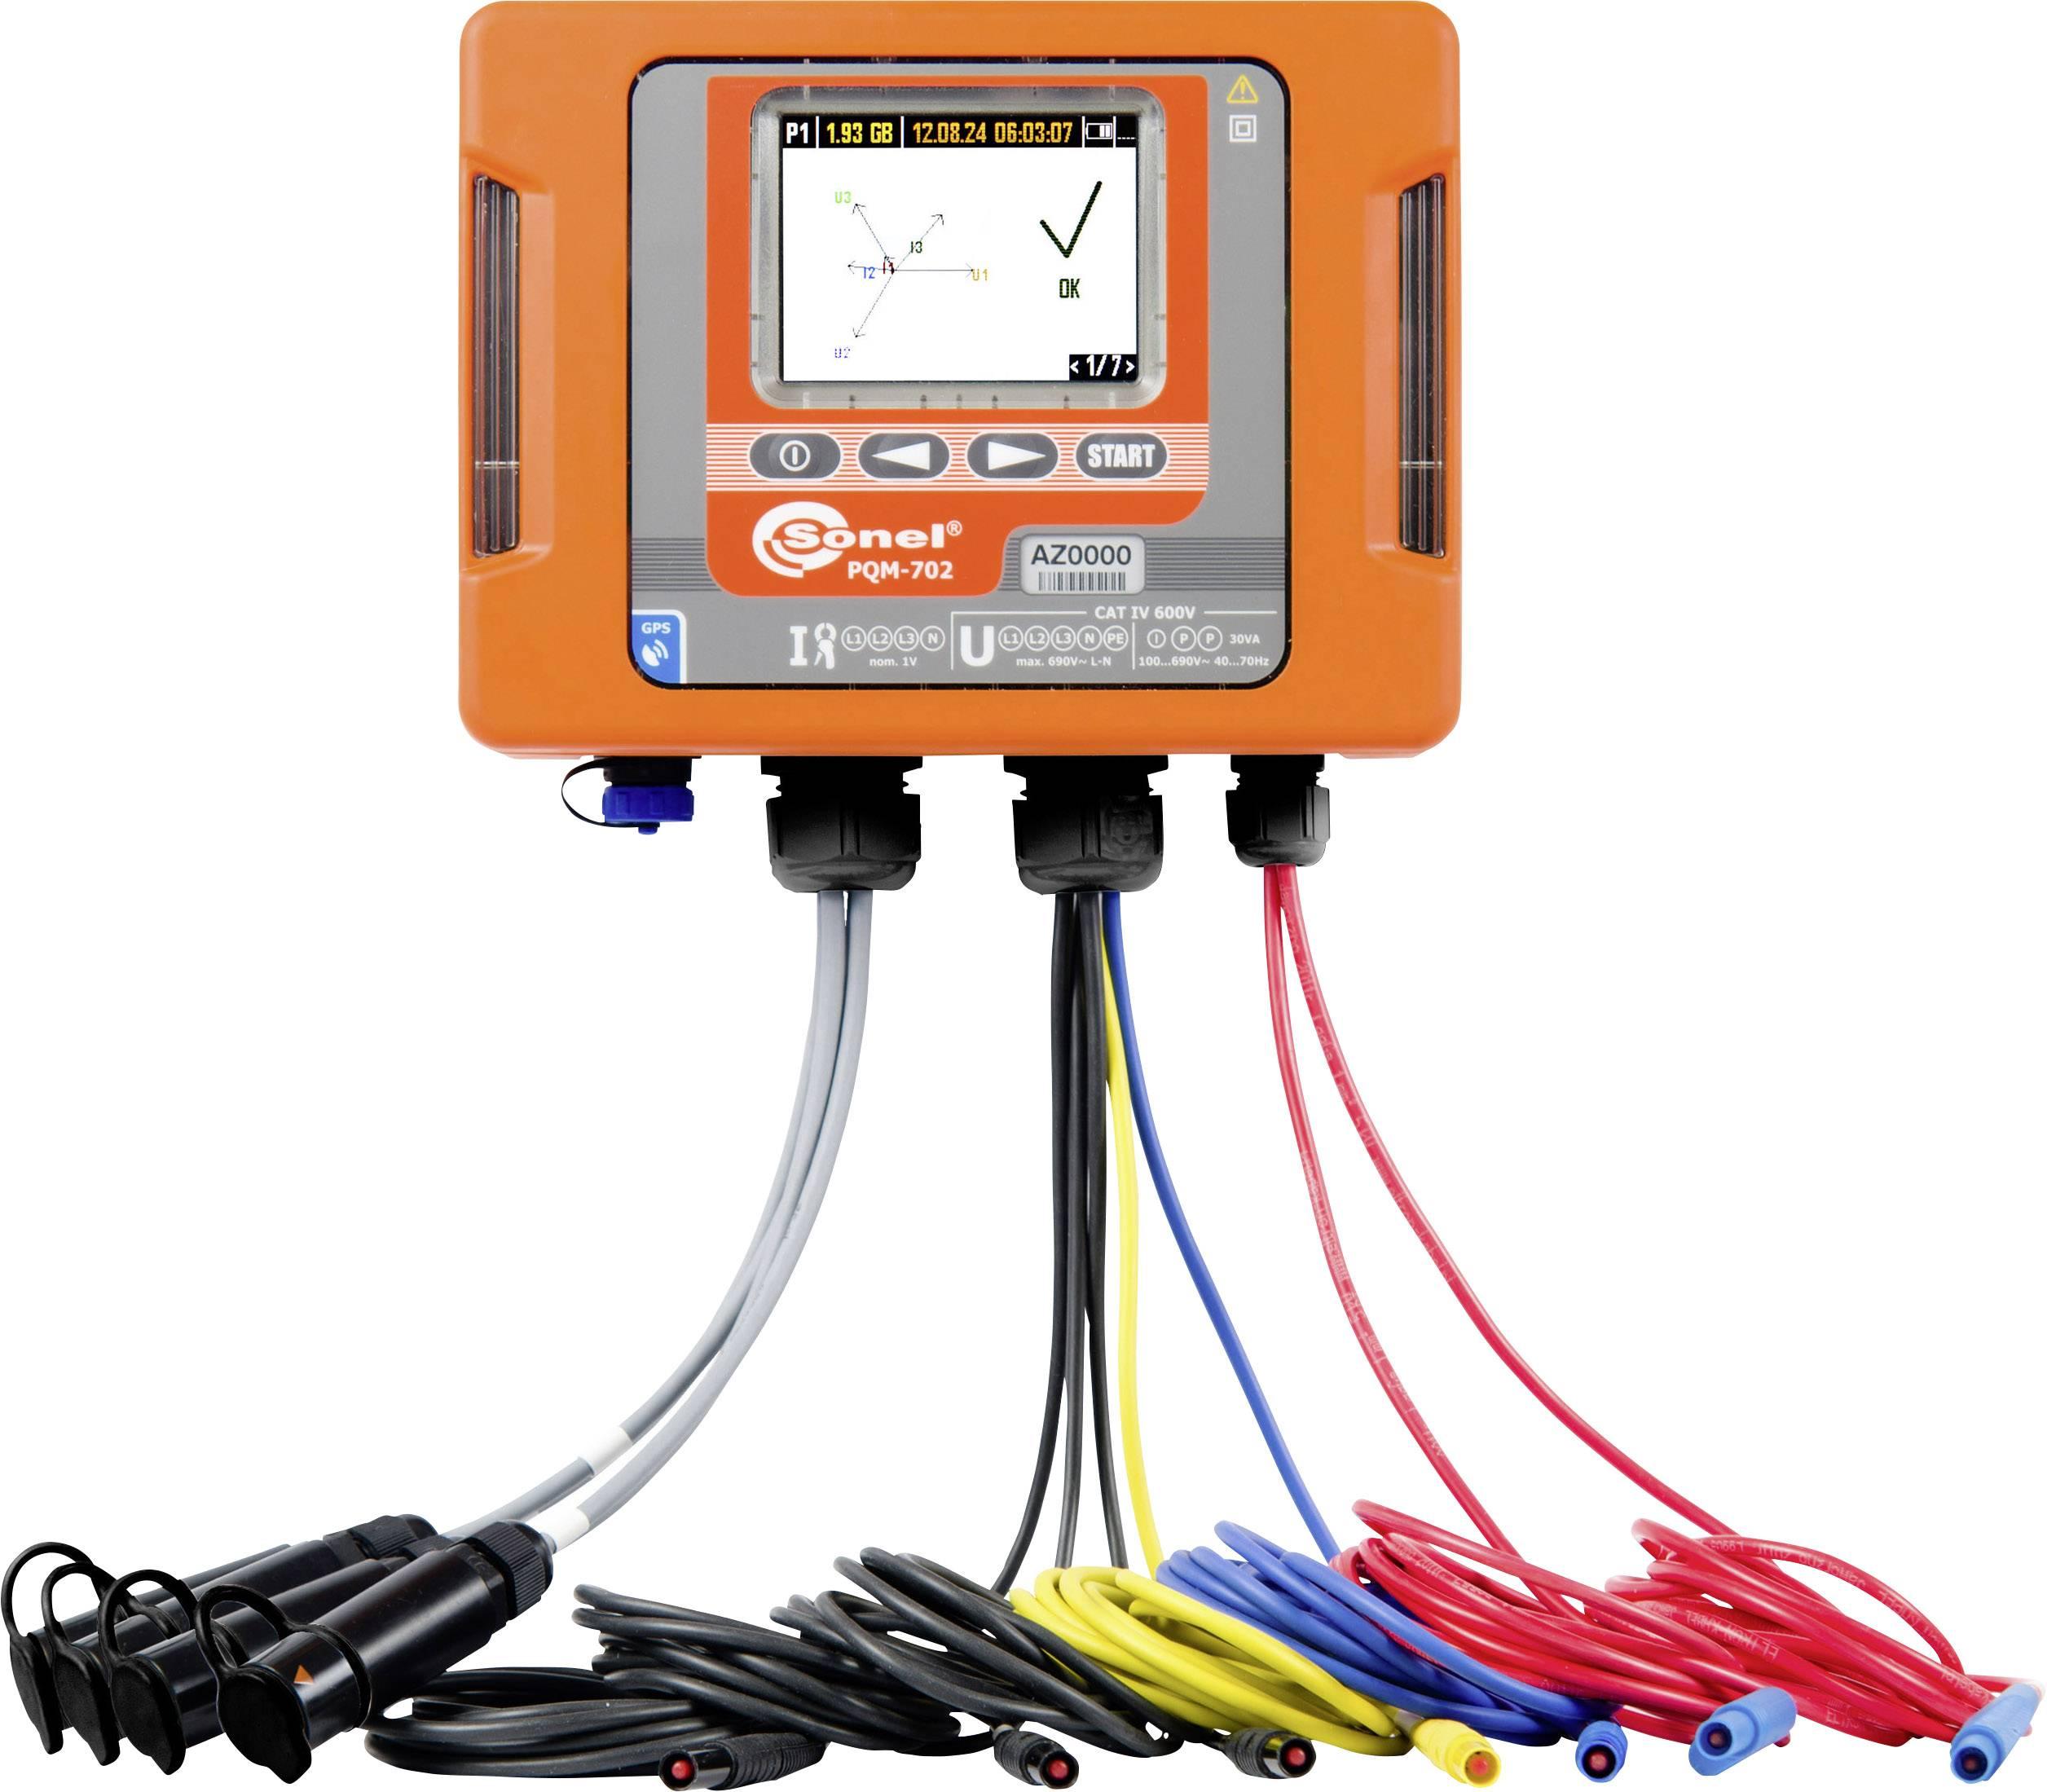 Sieťový analyzátor Sonel PQM-702